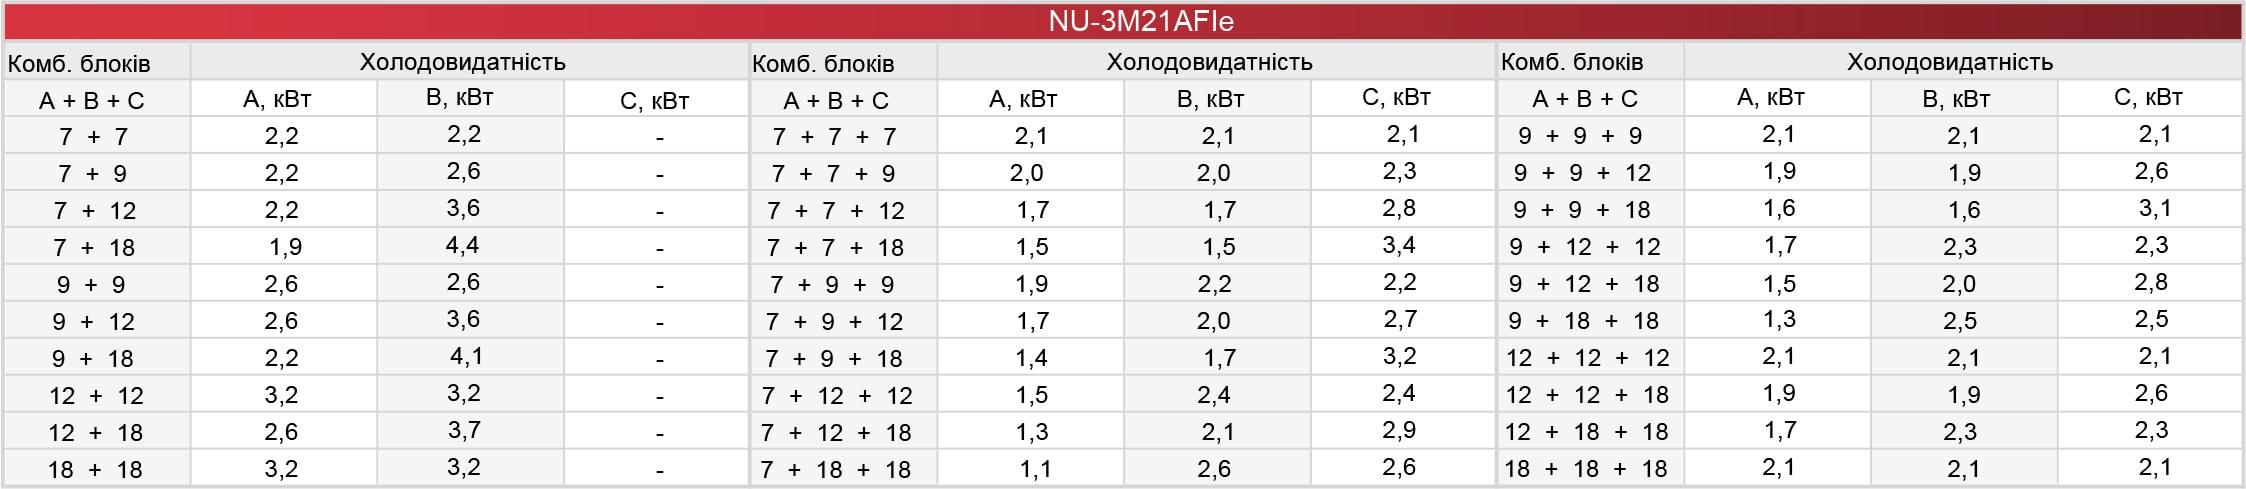 Комбинации по подключению внутренних блоков кондиционера мульти-сплит системы Neoclima NU-3M21AFIe